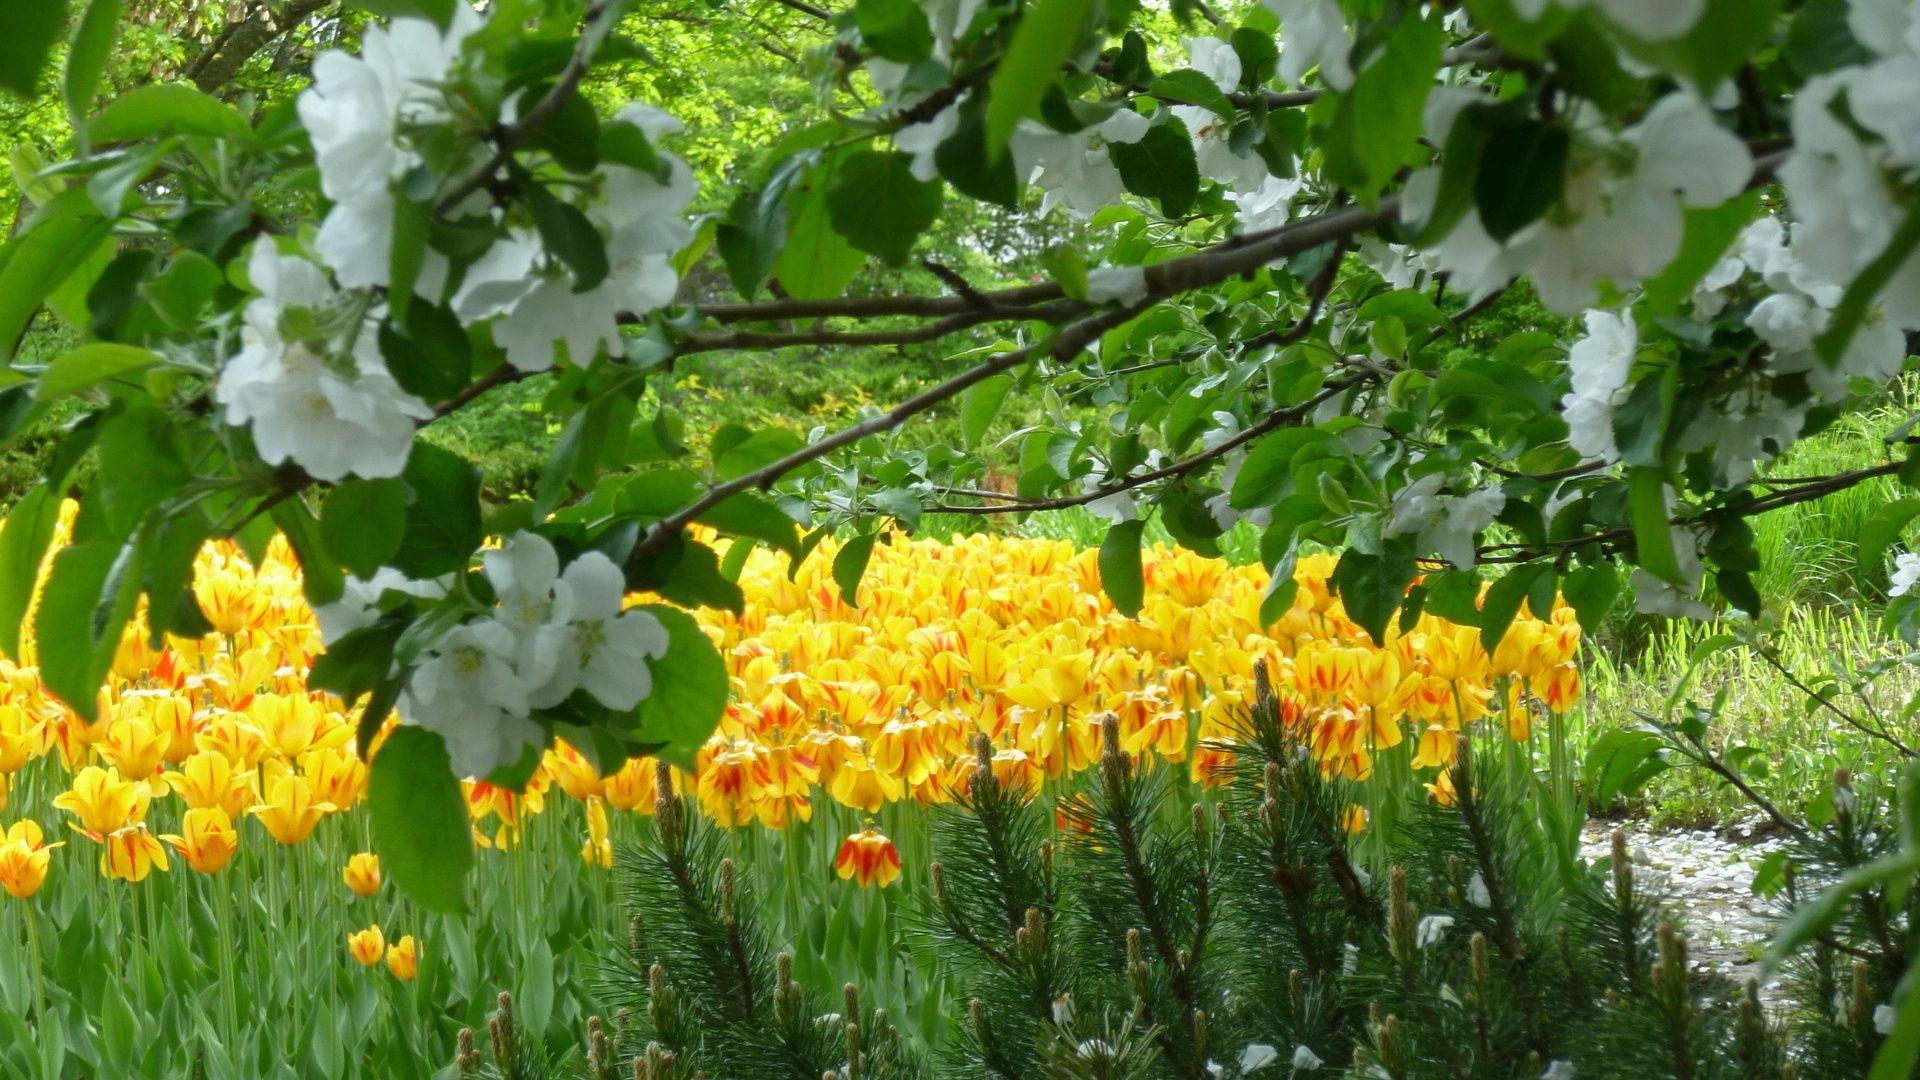 142922 Hintergrundbild herunterladen Natur, Blumen, Tulpen, Holz, Baum, Garten, Frühling - Bildschirmschoner und Bilder kostenlos